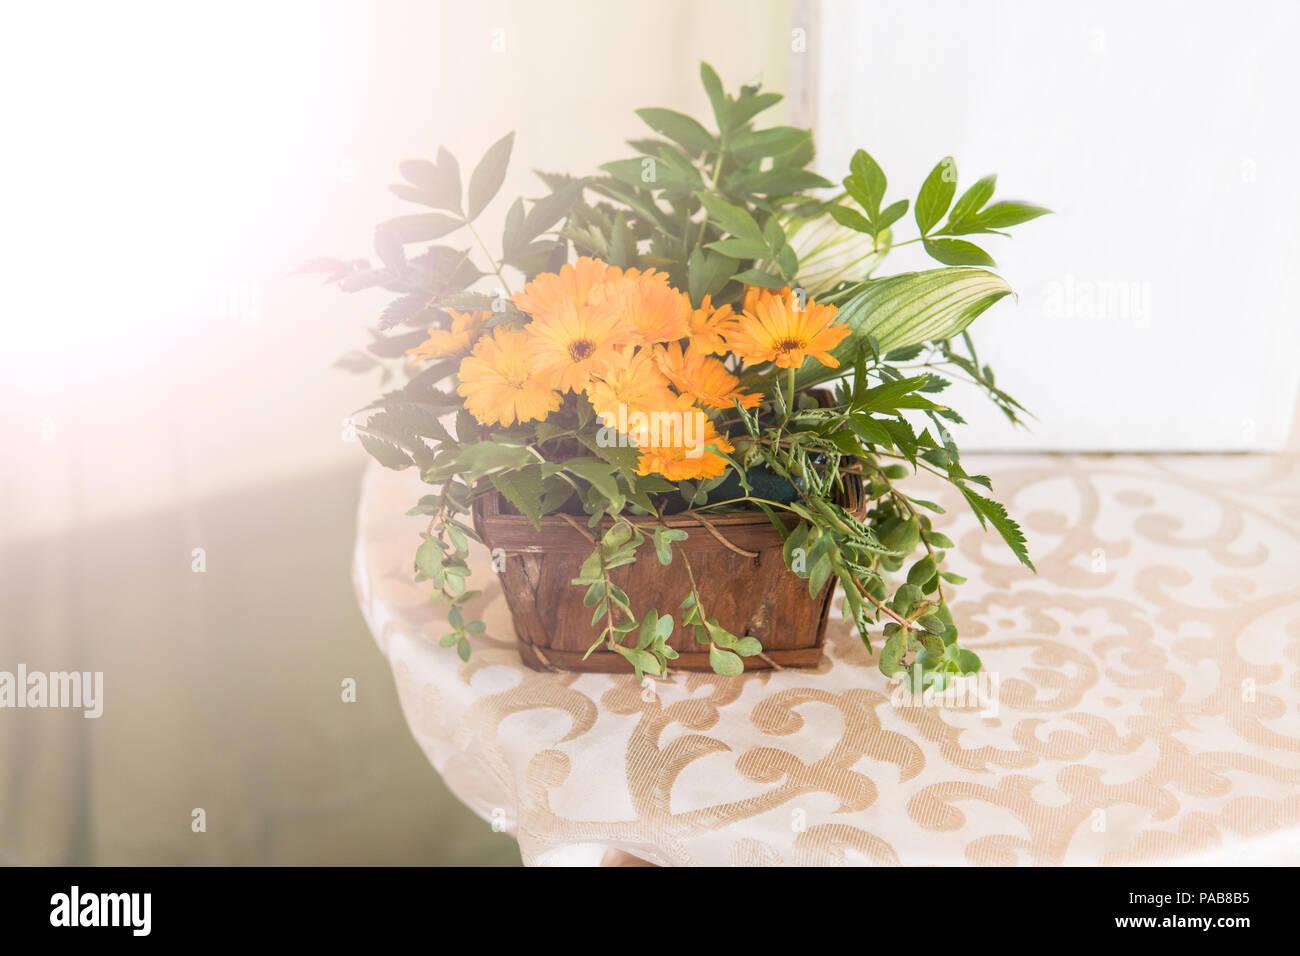 Decorazioni Matrimonio Arancione : Composizione di fiori realizzata con fiori arancione al matrimonio